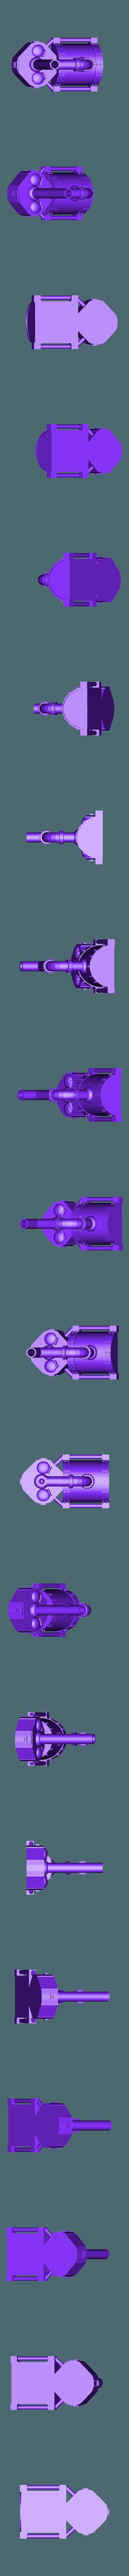 skull_hammer_back_top.stl Télécharger fichier STL gratuit Demi-rail à vapeur / orque / orque • Modèle pour impression 3D, redstarkits